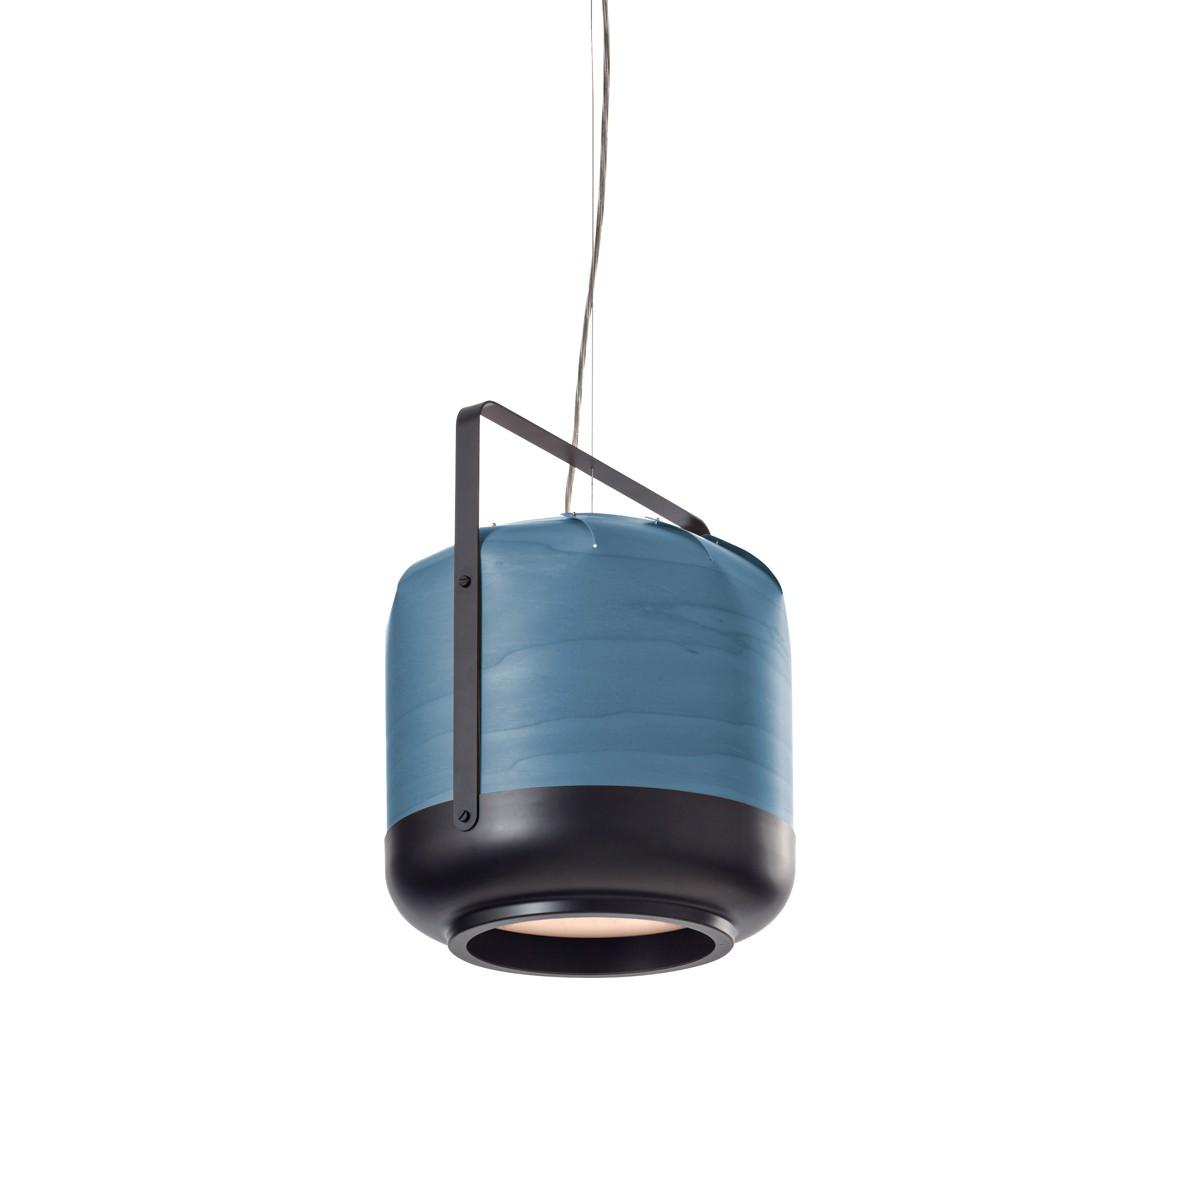 LZF Lamps Chou Short Pendelleuchte, blau